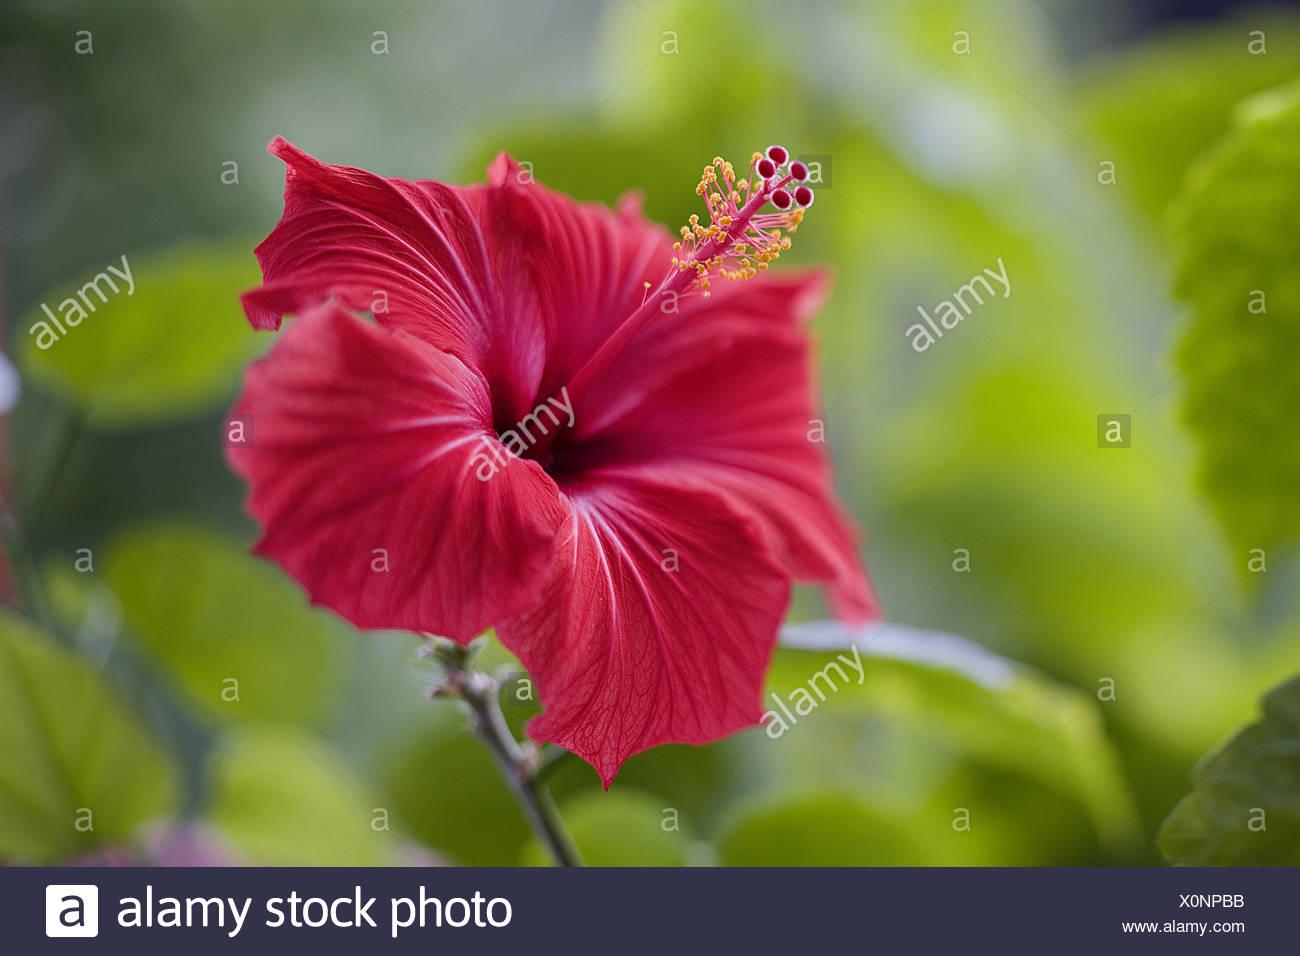 Hibiscus Blossom Red Medium Close Up Hibiscus Blossom Dust